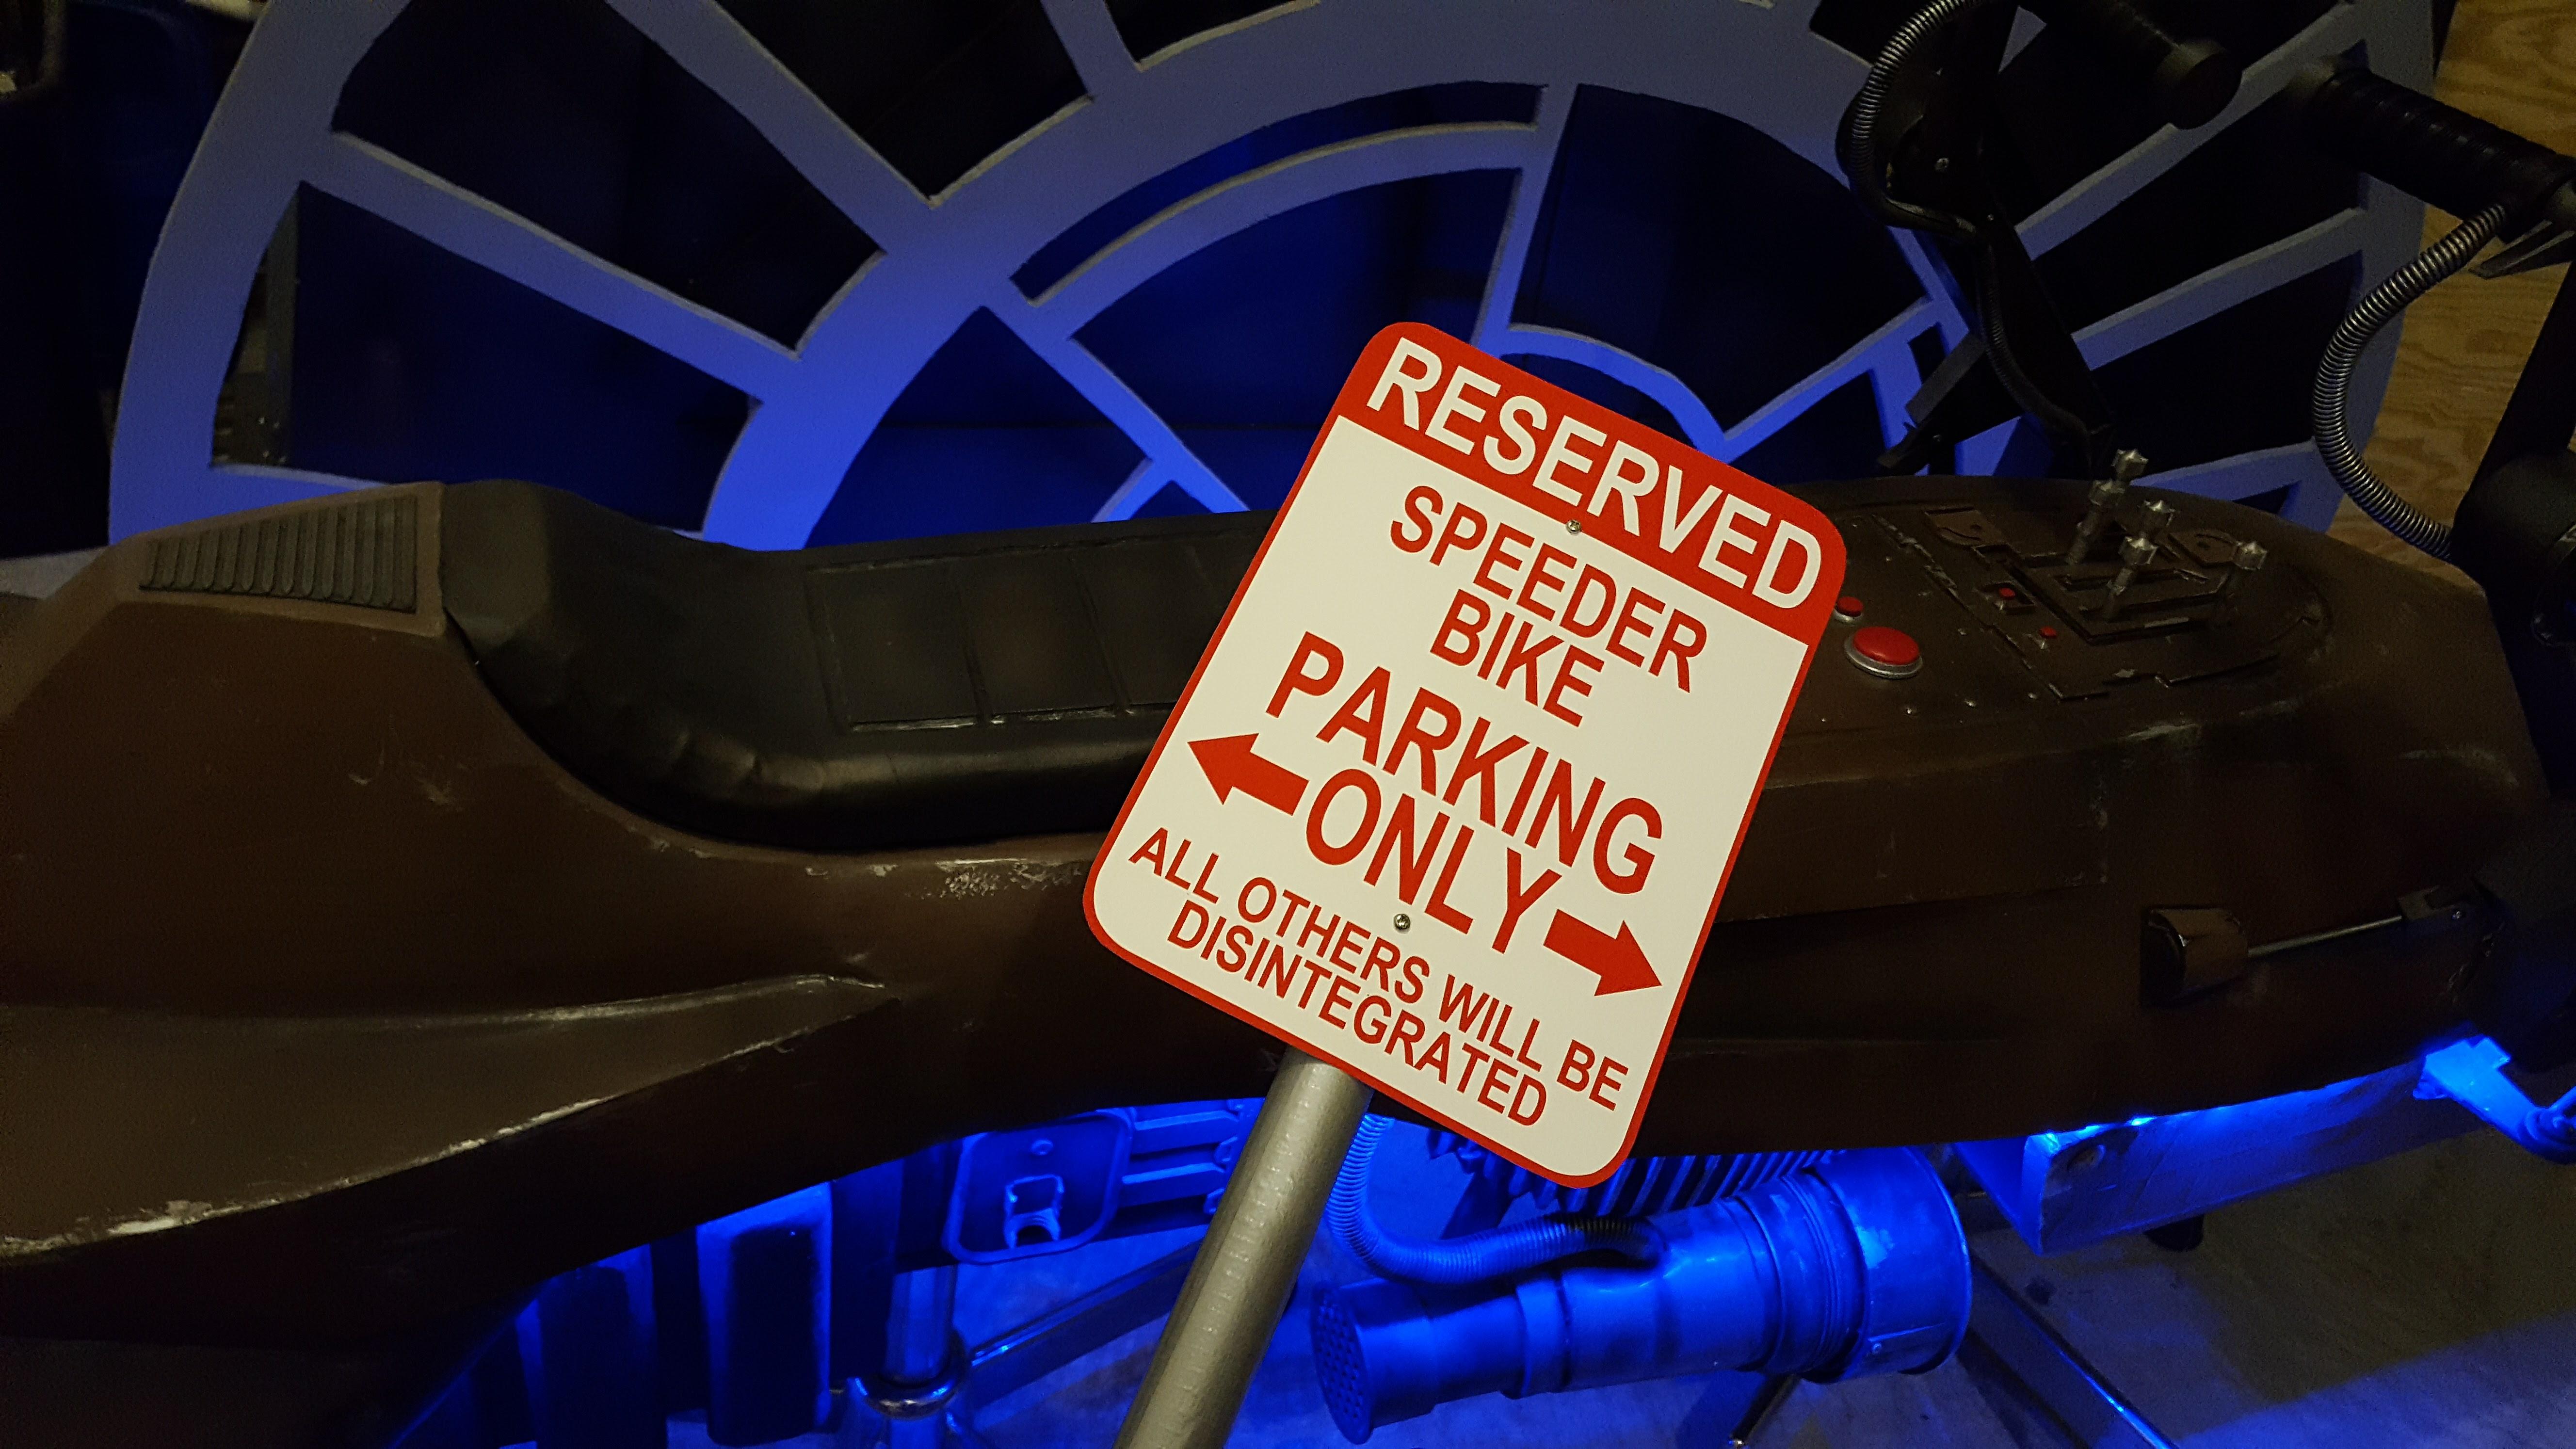 Star Wars Speeder Bike Parking Sign